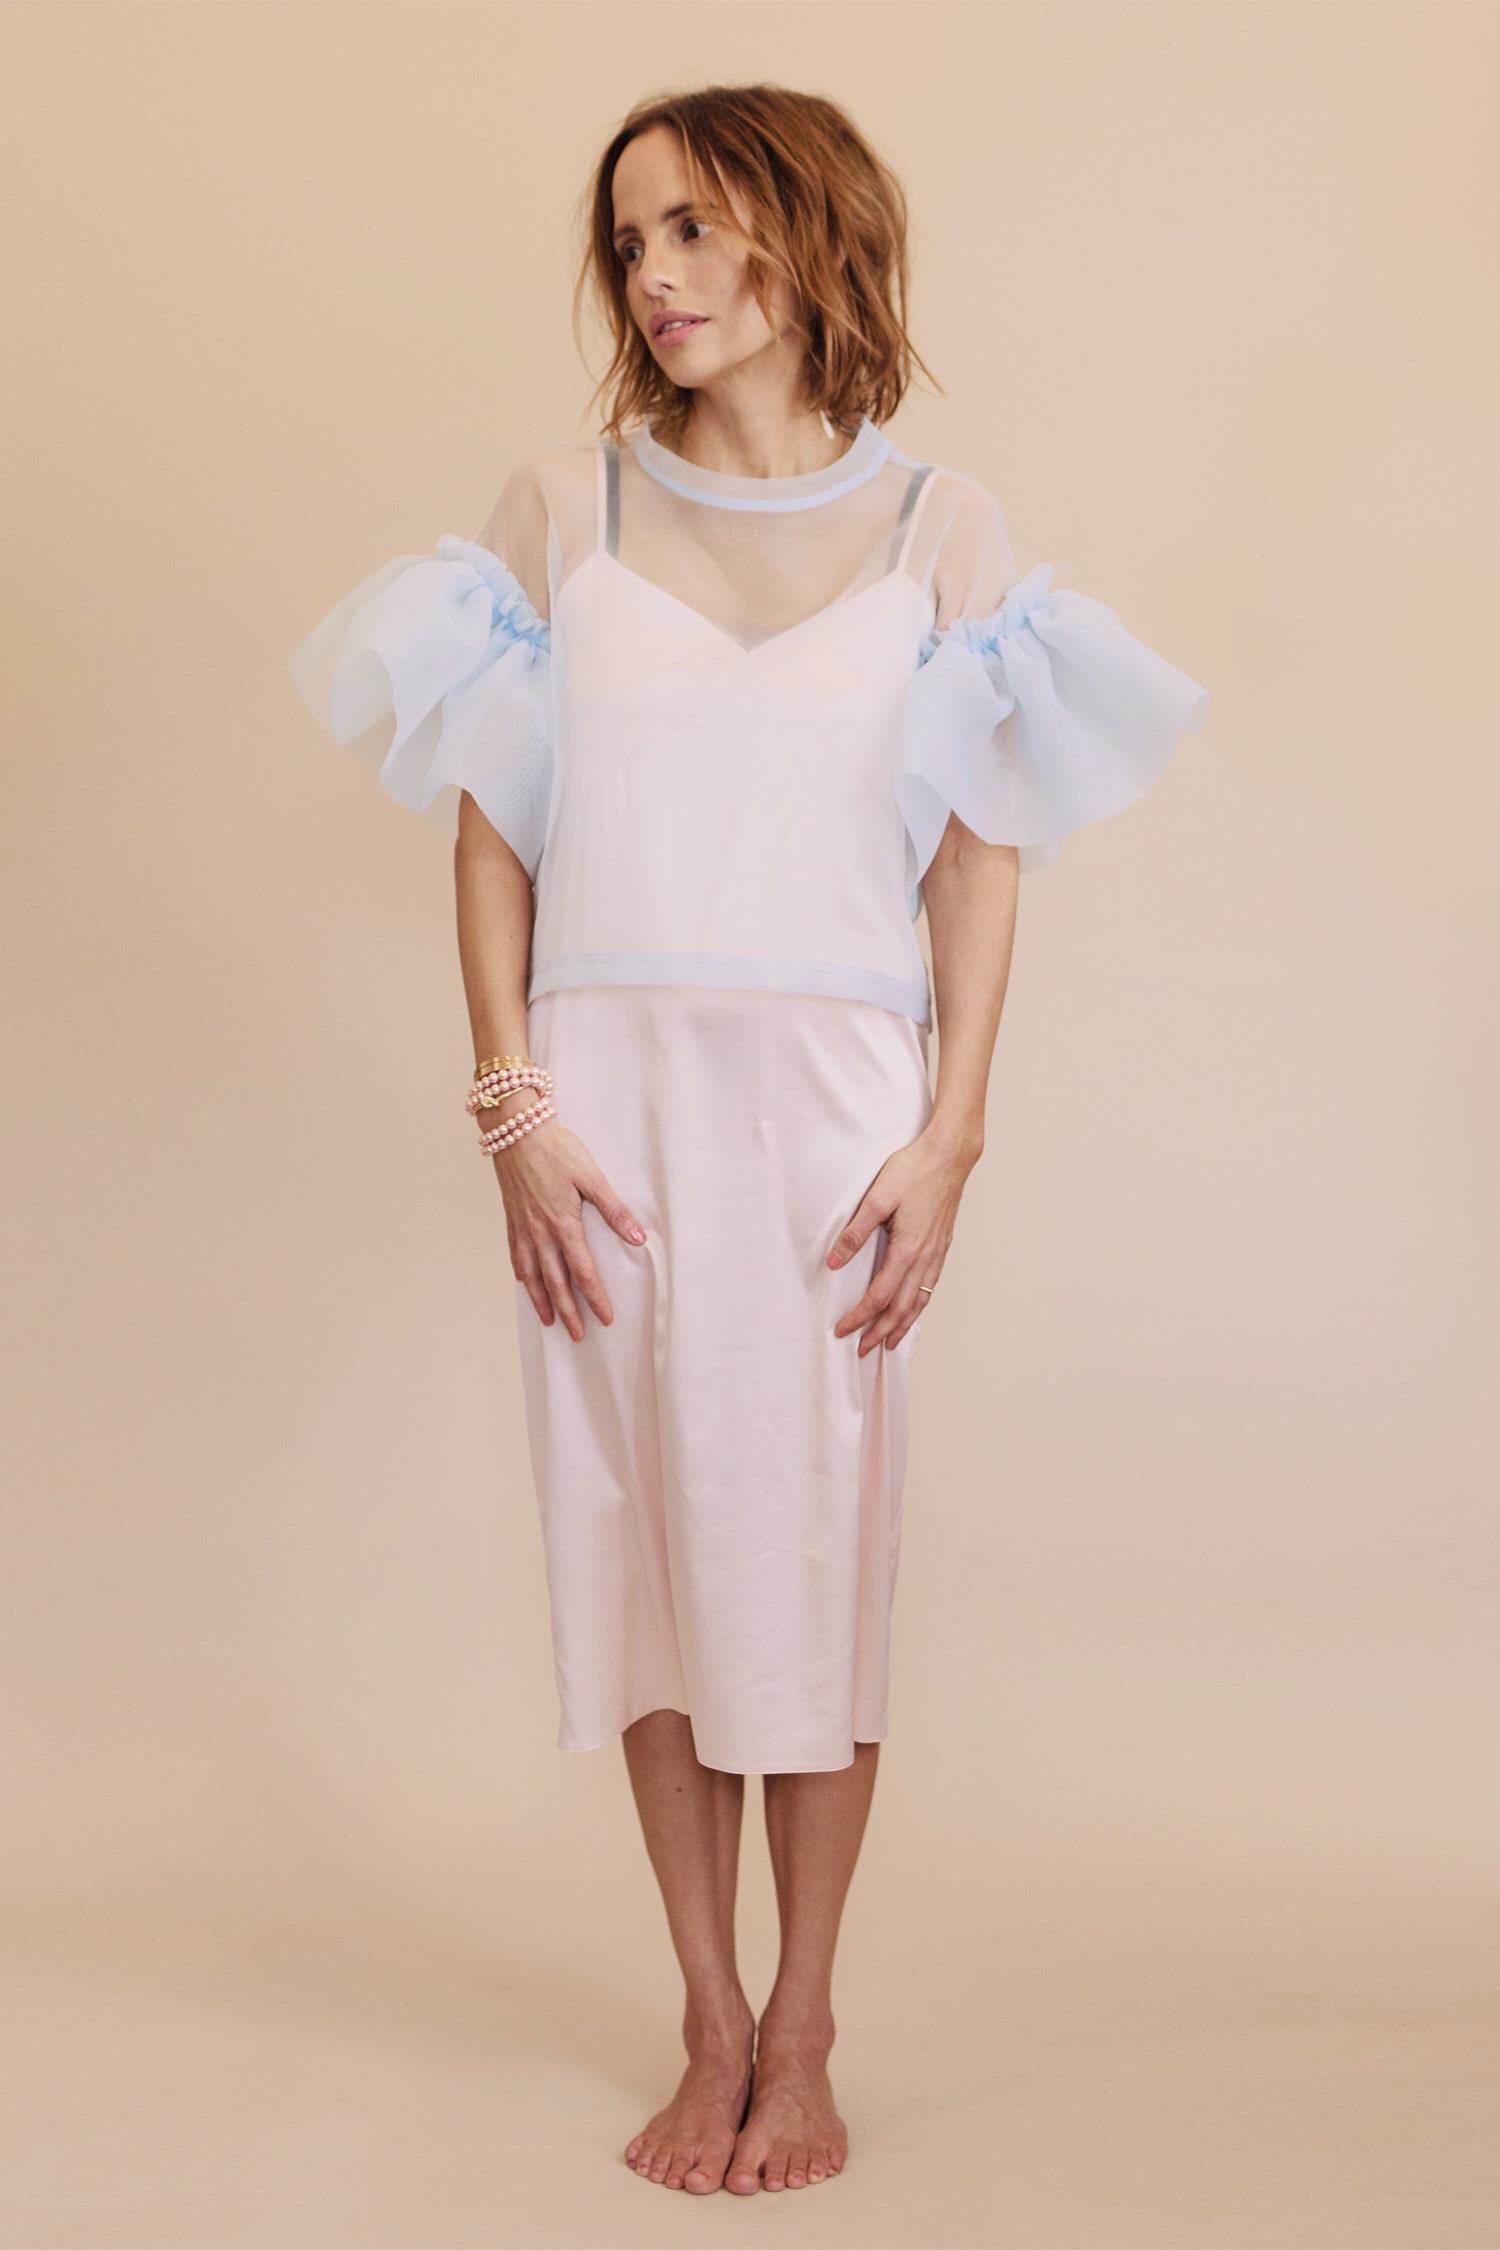 Rosa Macher Slip Dress 001 in Peach and Organza Top in Ciel